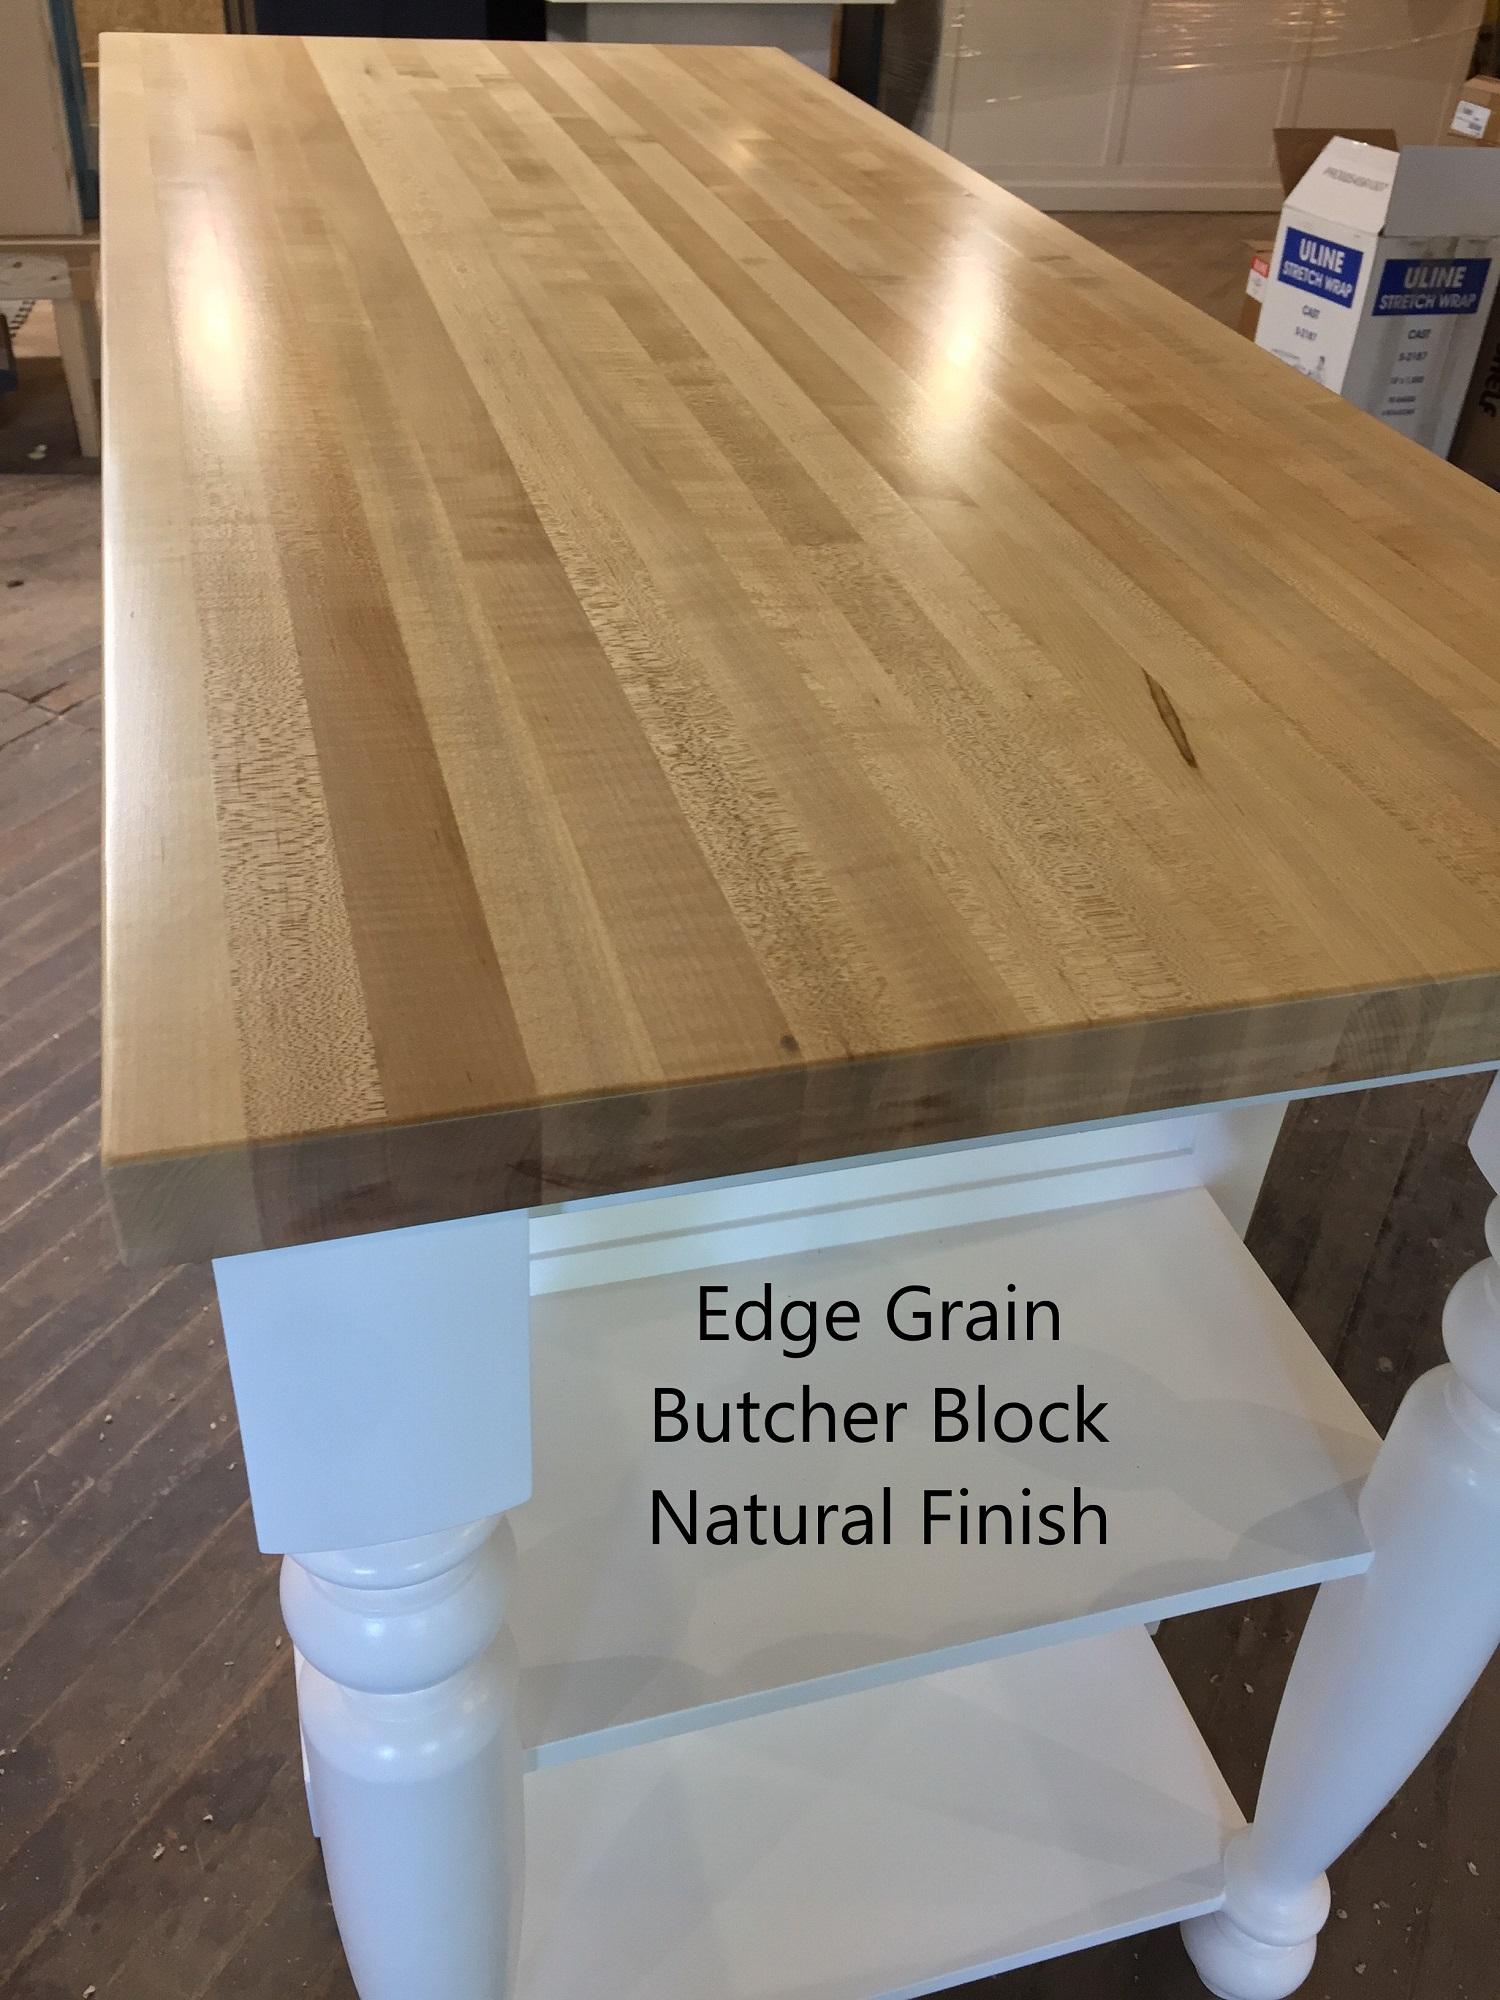 Edge Grain Butcher Block